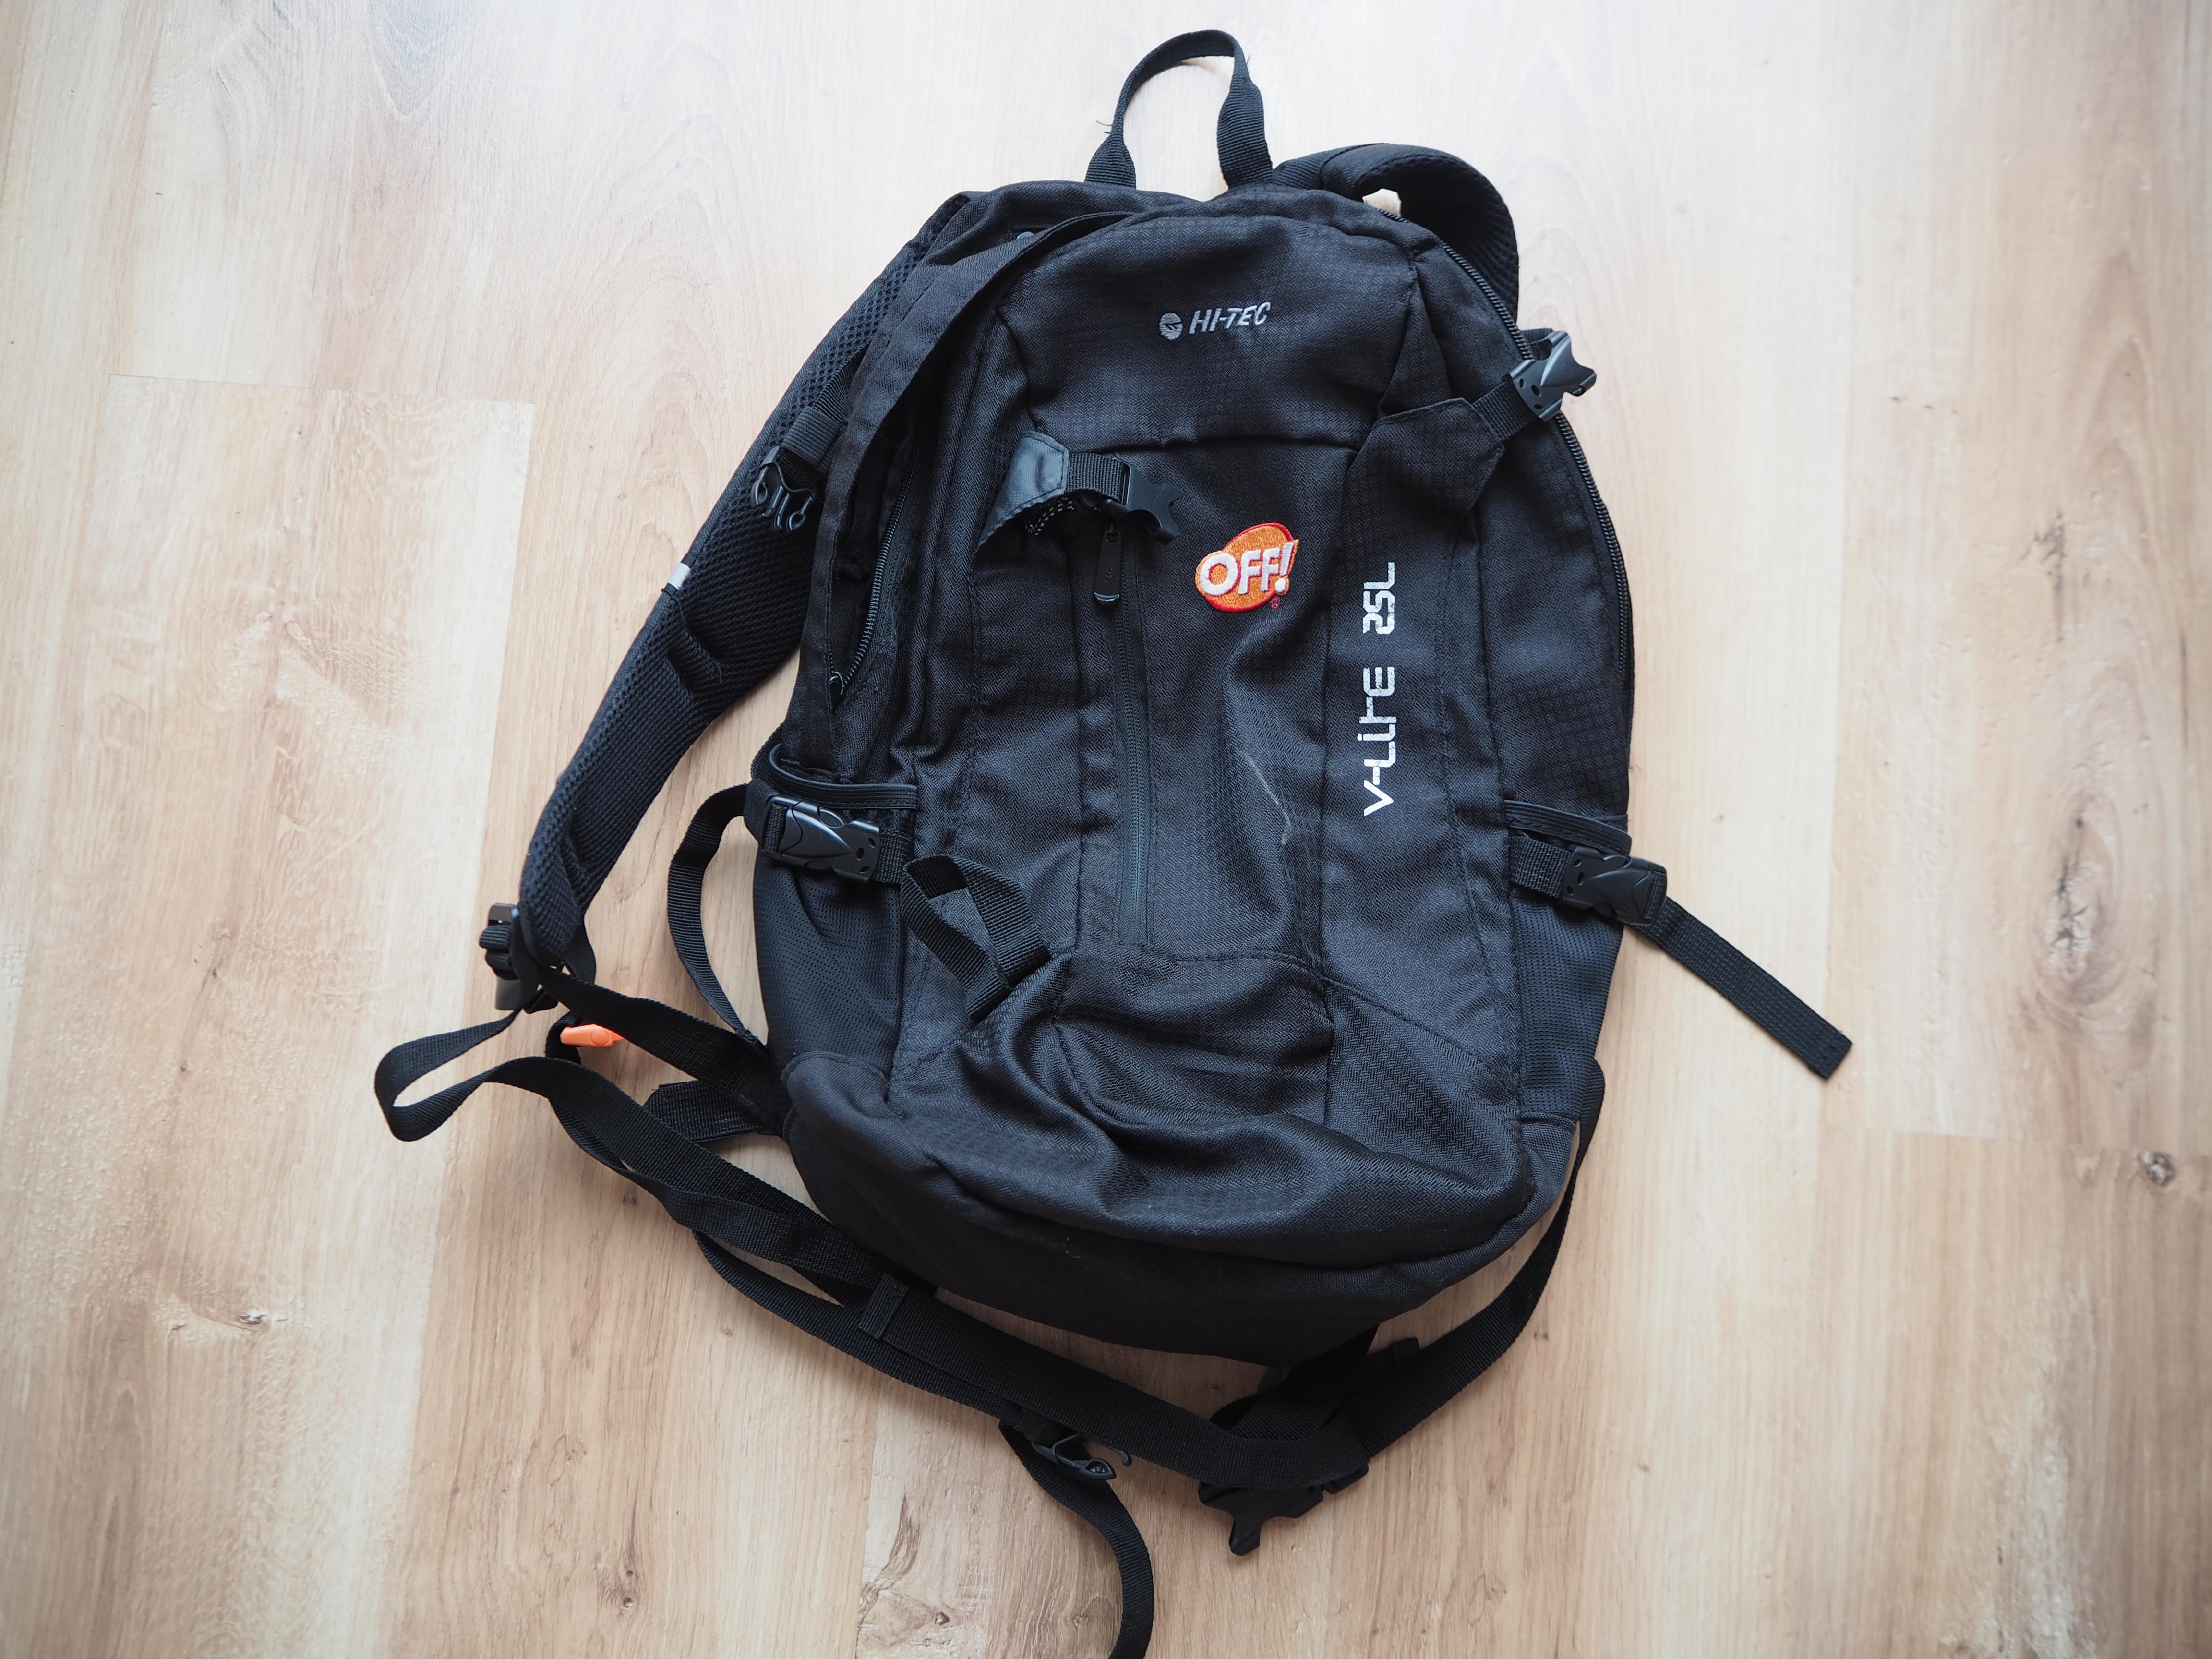 Plecak - idealny nawyprawę wgóry